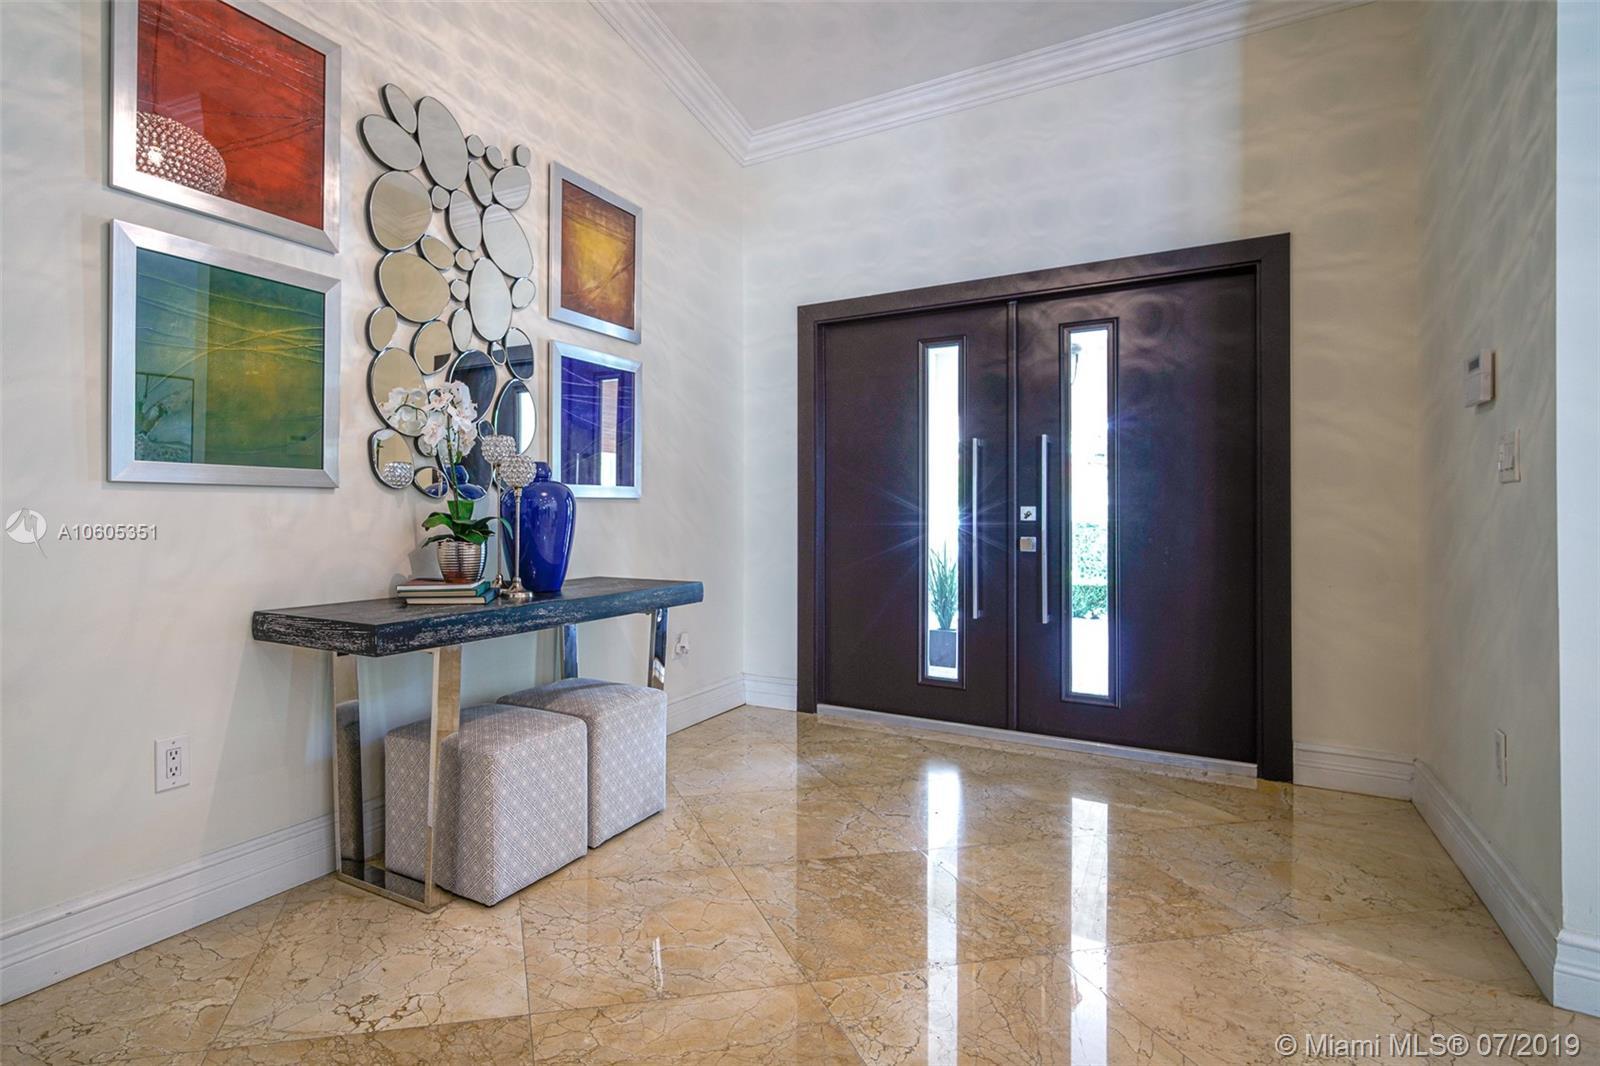 500 Sw 125th Ave Miami, FL 33184